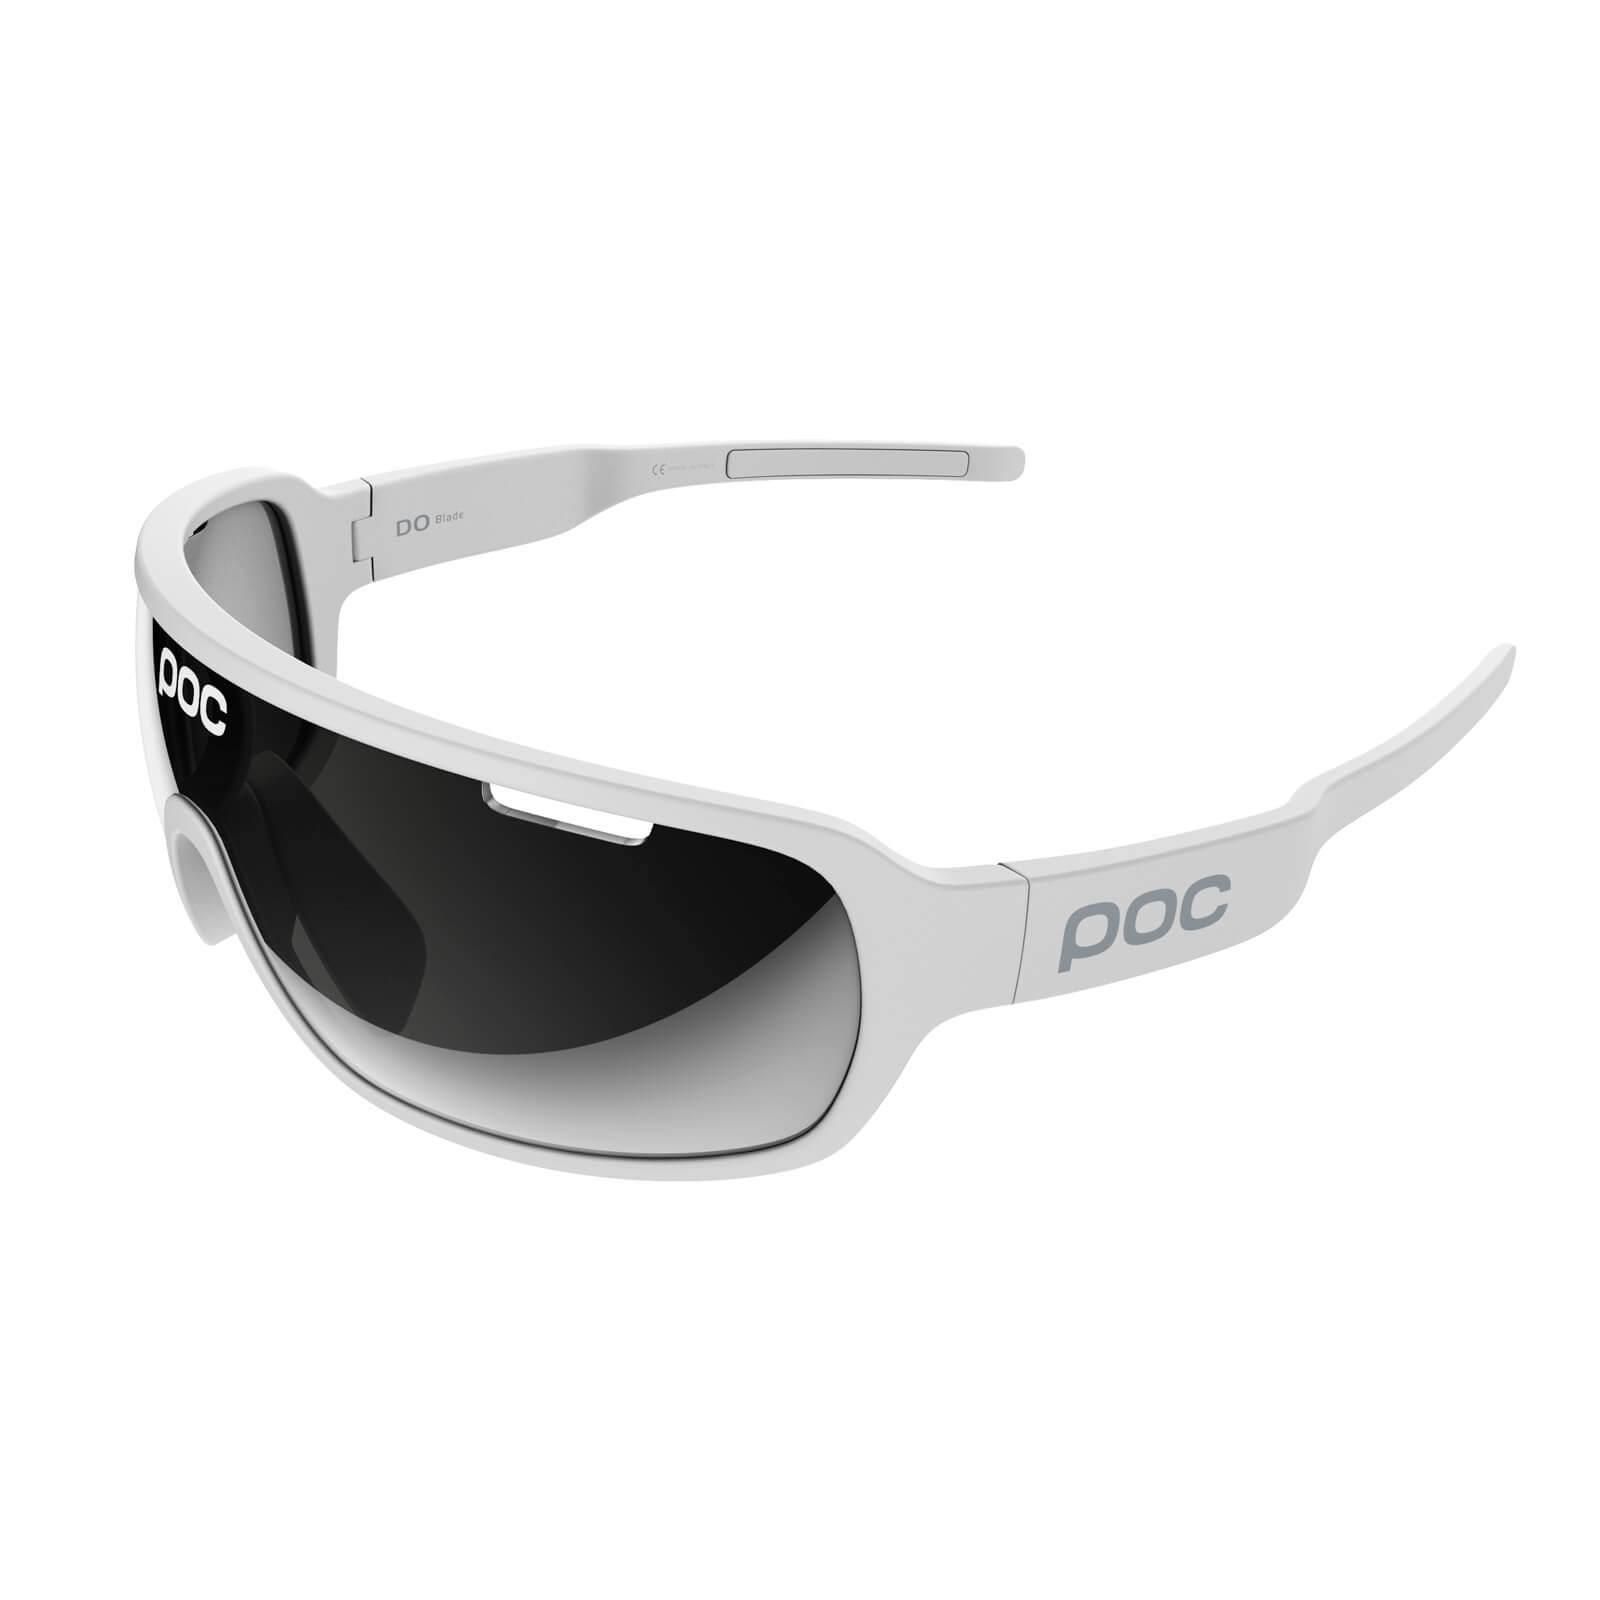 POC DO Blade Clarity Sunglasses - Hydrogen White/Silver Mirror